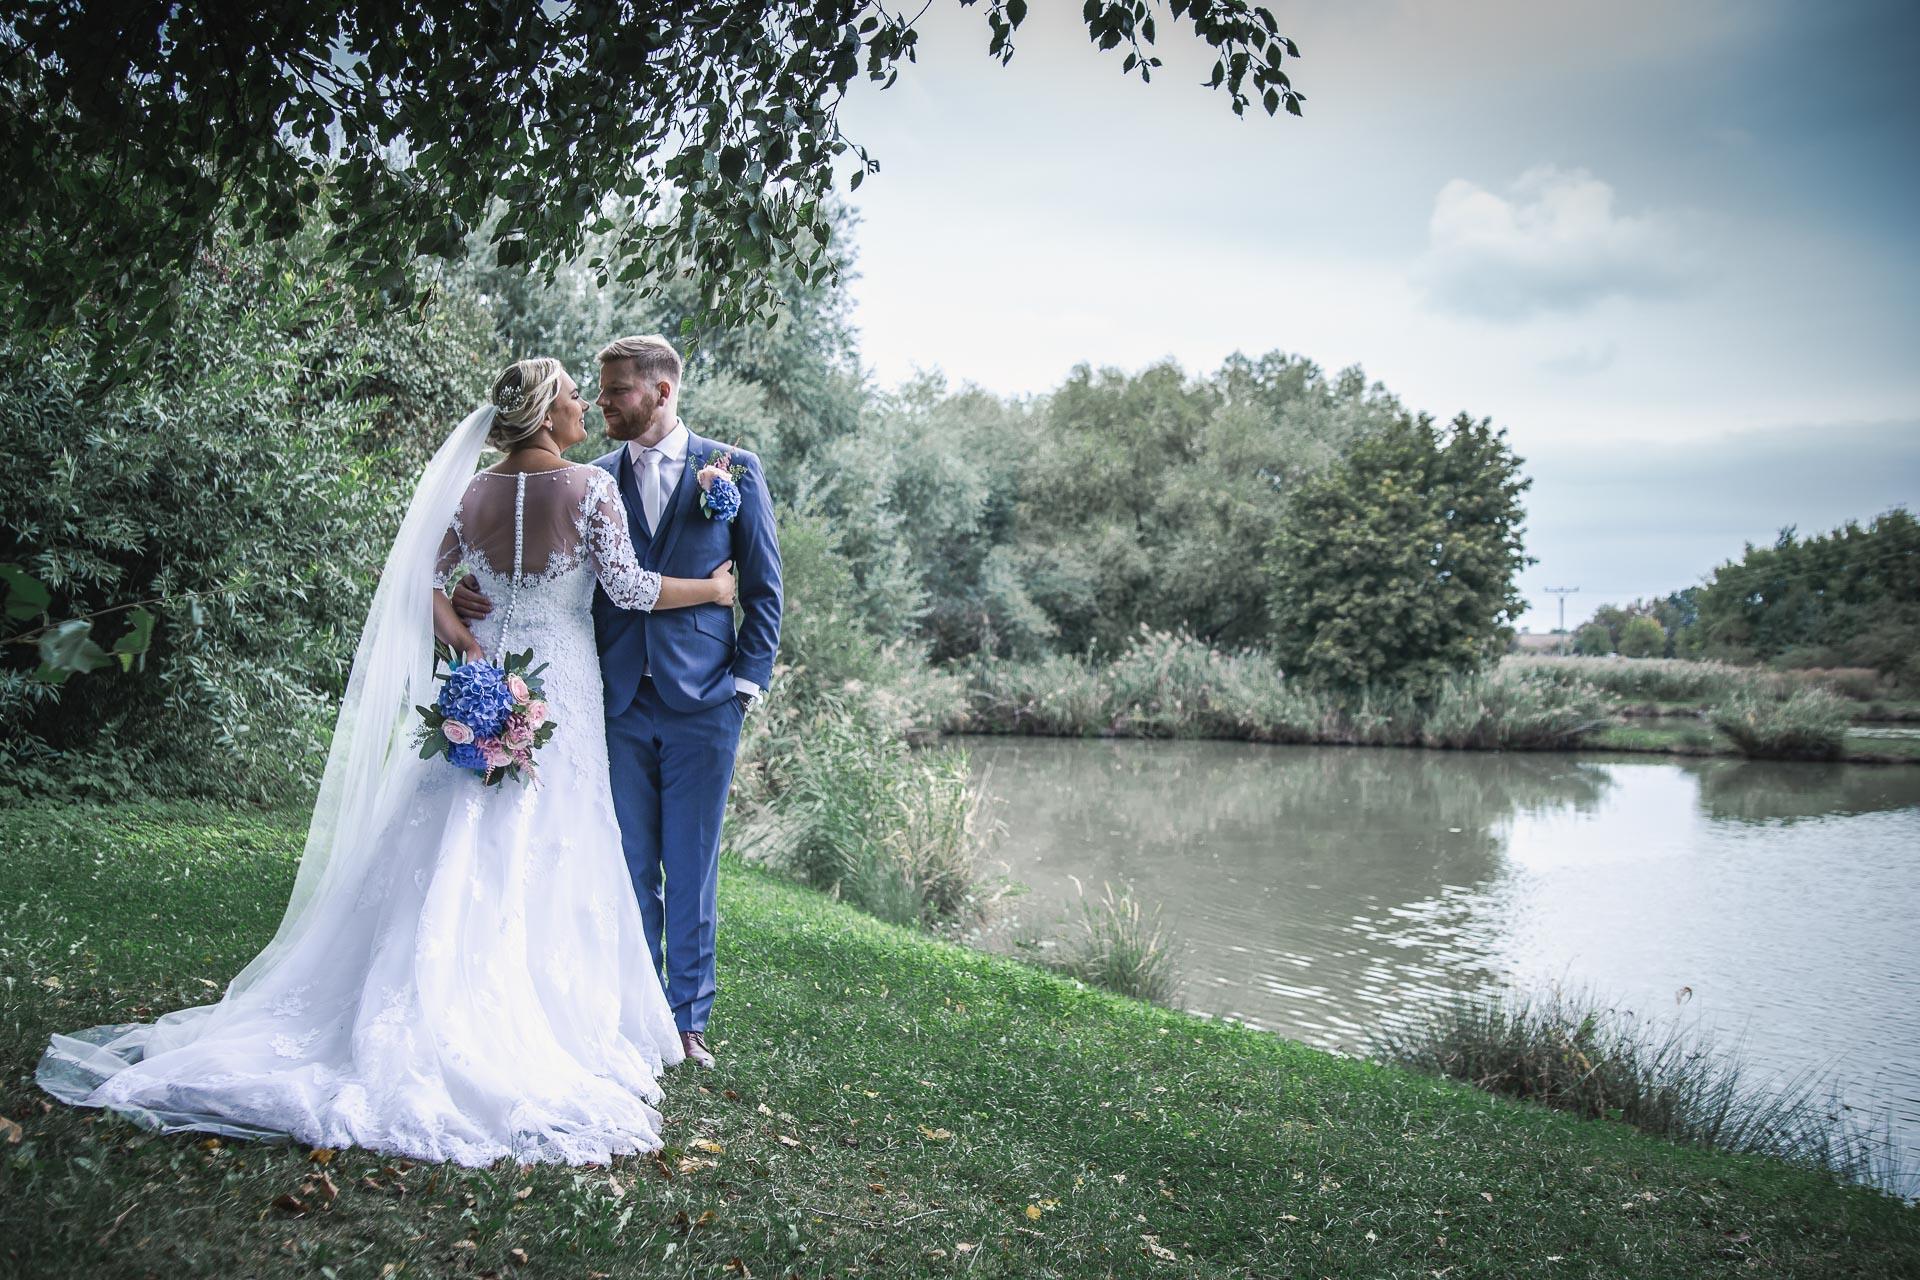 Svatební-fotograf-zámecký-park-Měšice-Svatba-Měšice-u-Prahy-7799